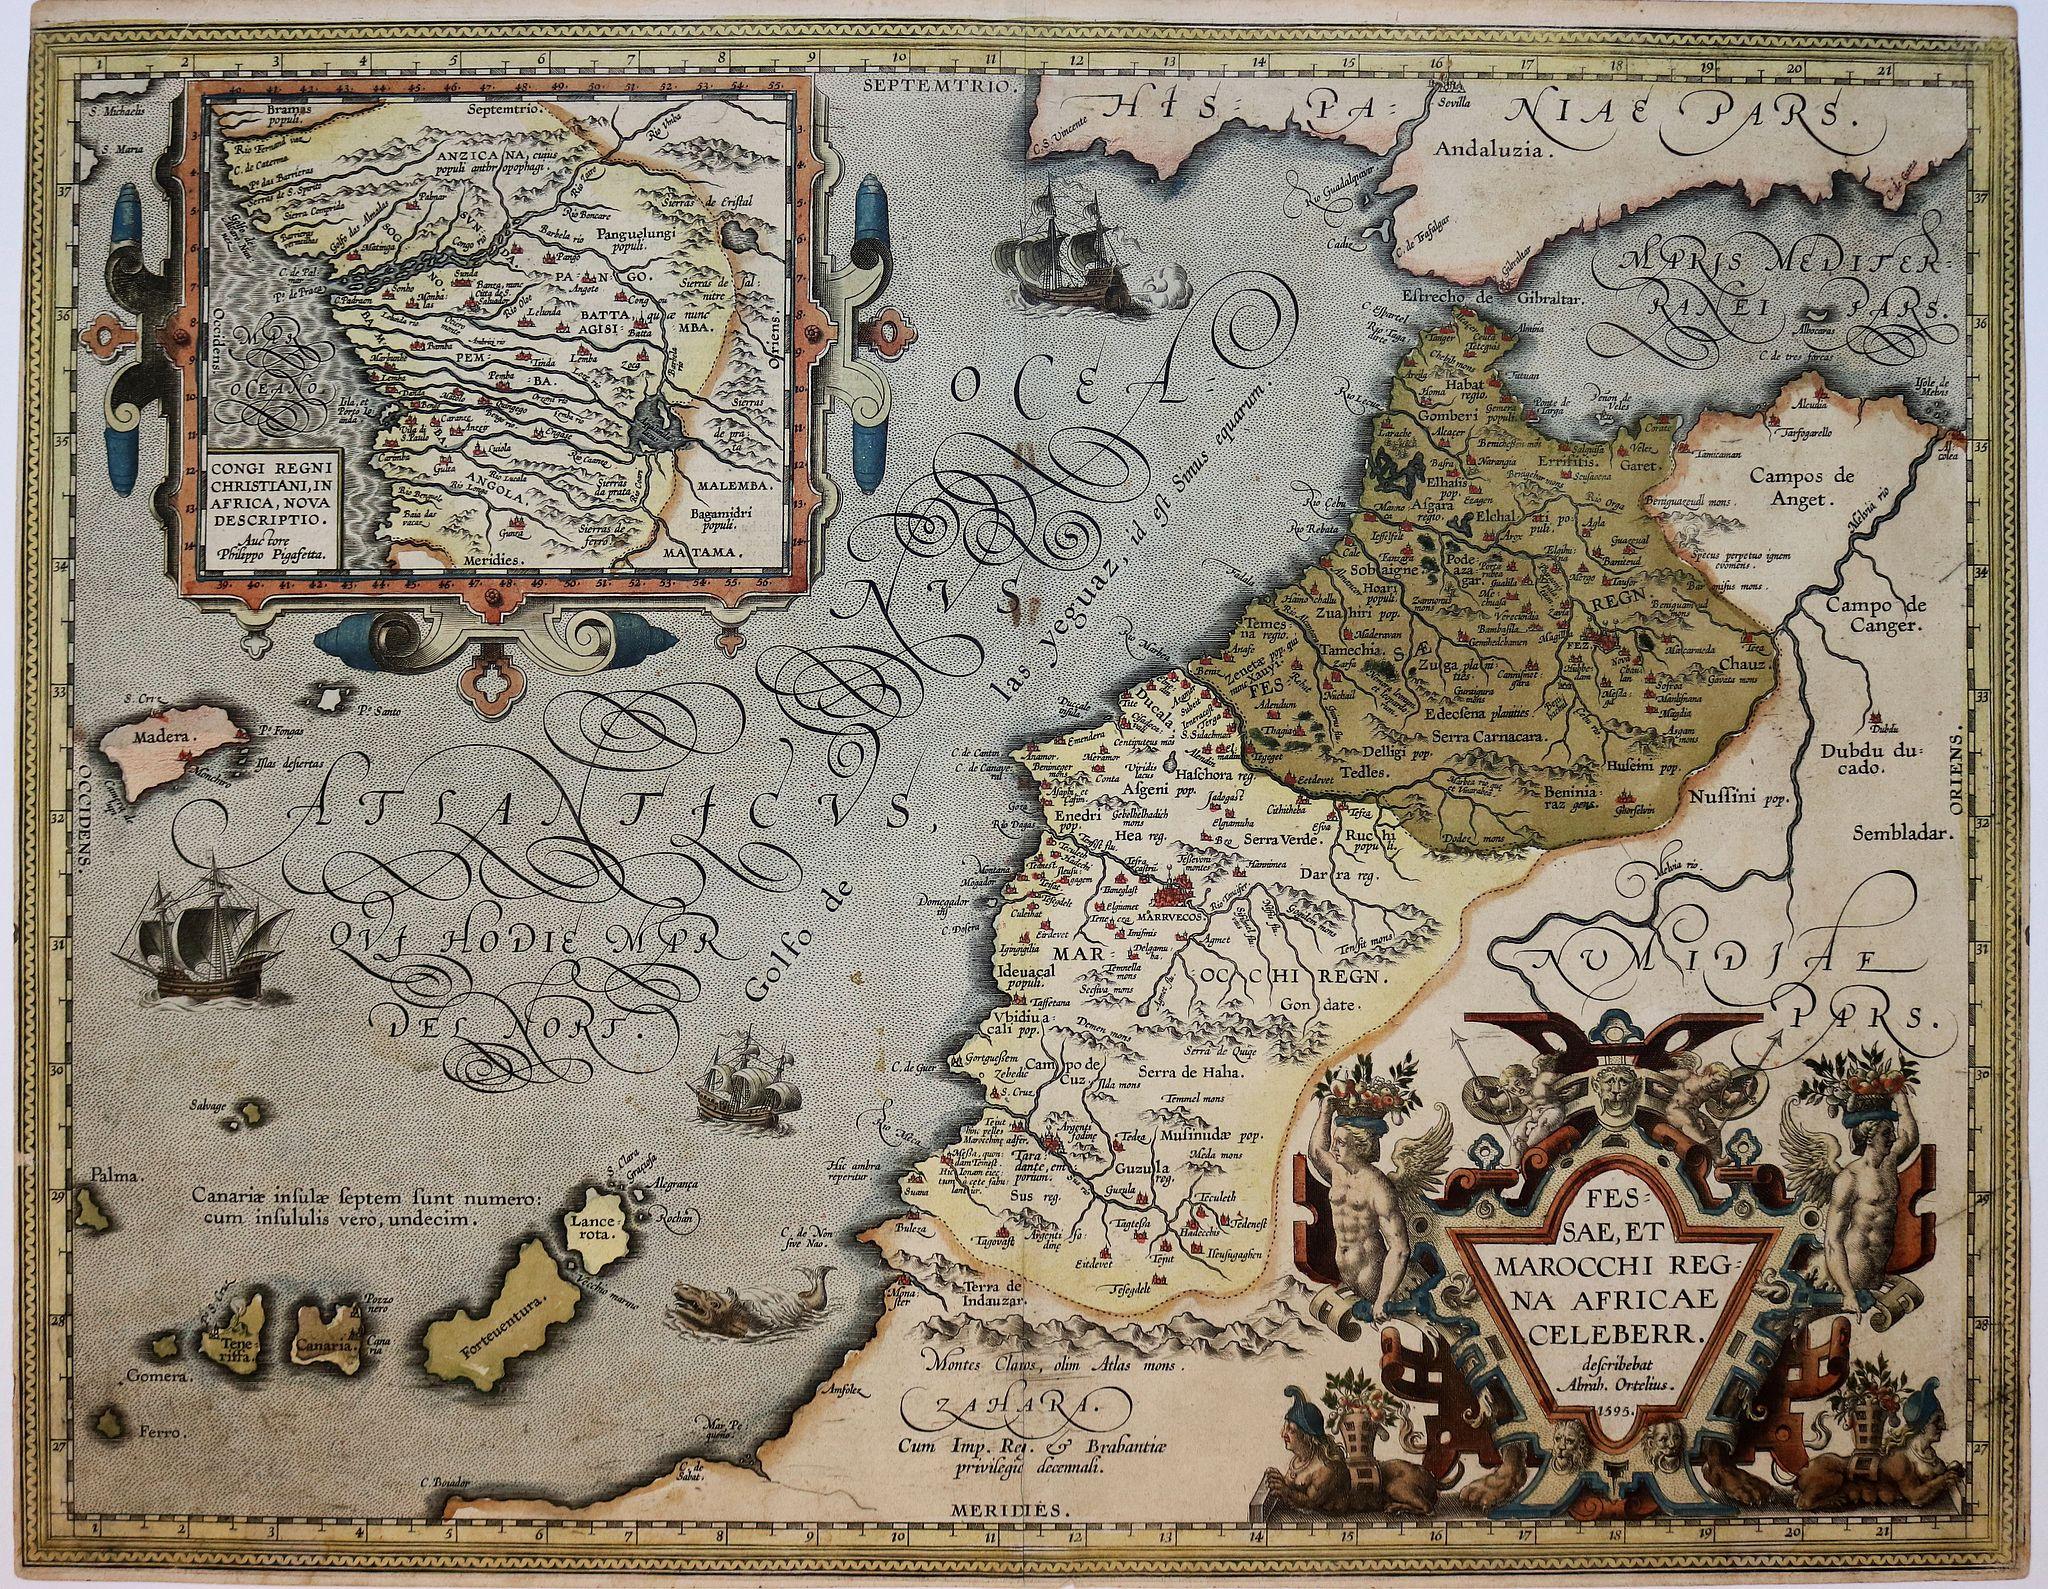 ORTELIUS, A. - Fessae, et Marocchi Regna Africae Celeberr. describebat Abrah. Ortelius. 1595.